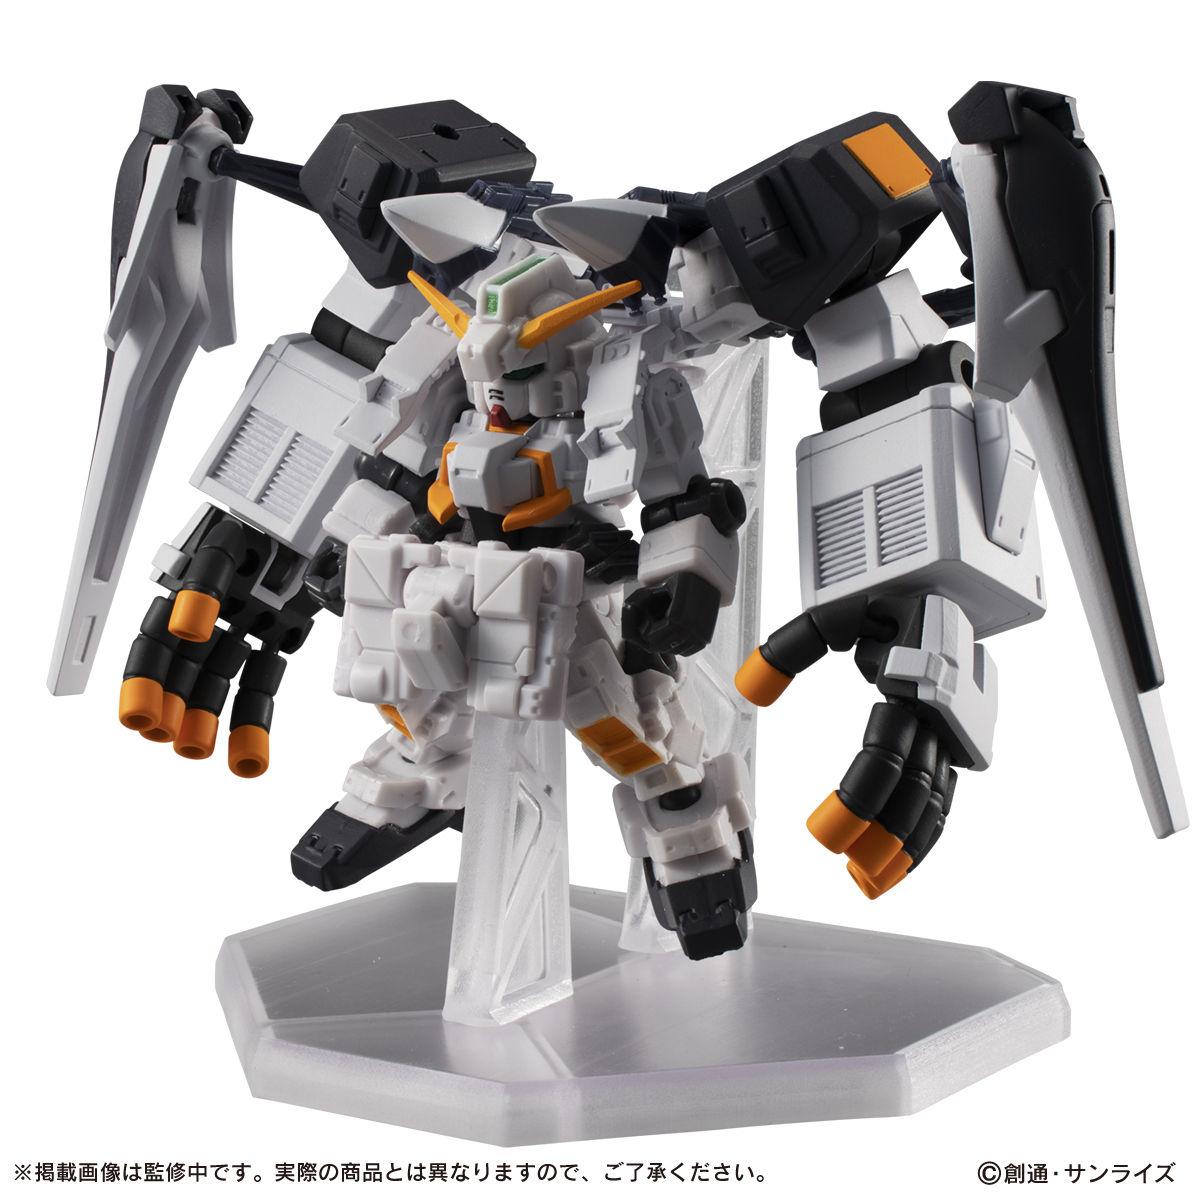 【限定販売】MOBILE SUIT ENSEMBLE『EX22 ギガンティック・アーム・ユニット装備セット』デフォルメ可動フィギュア-004